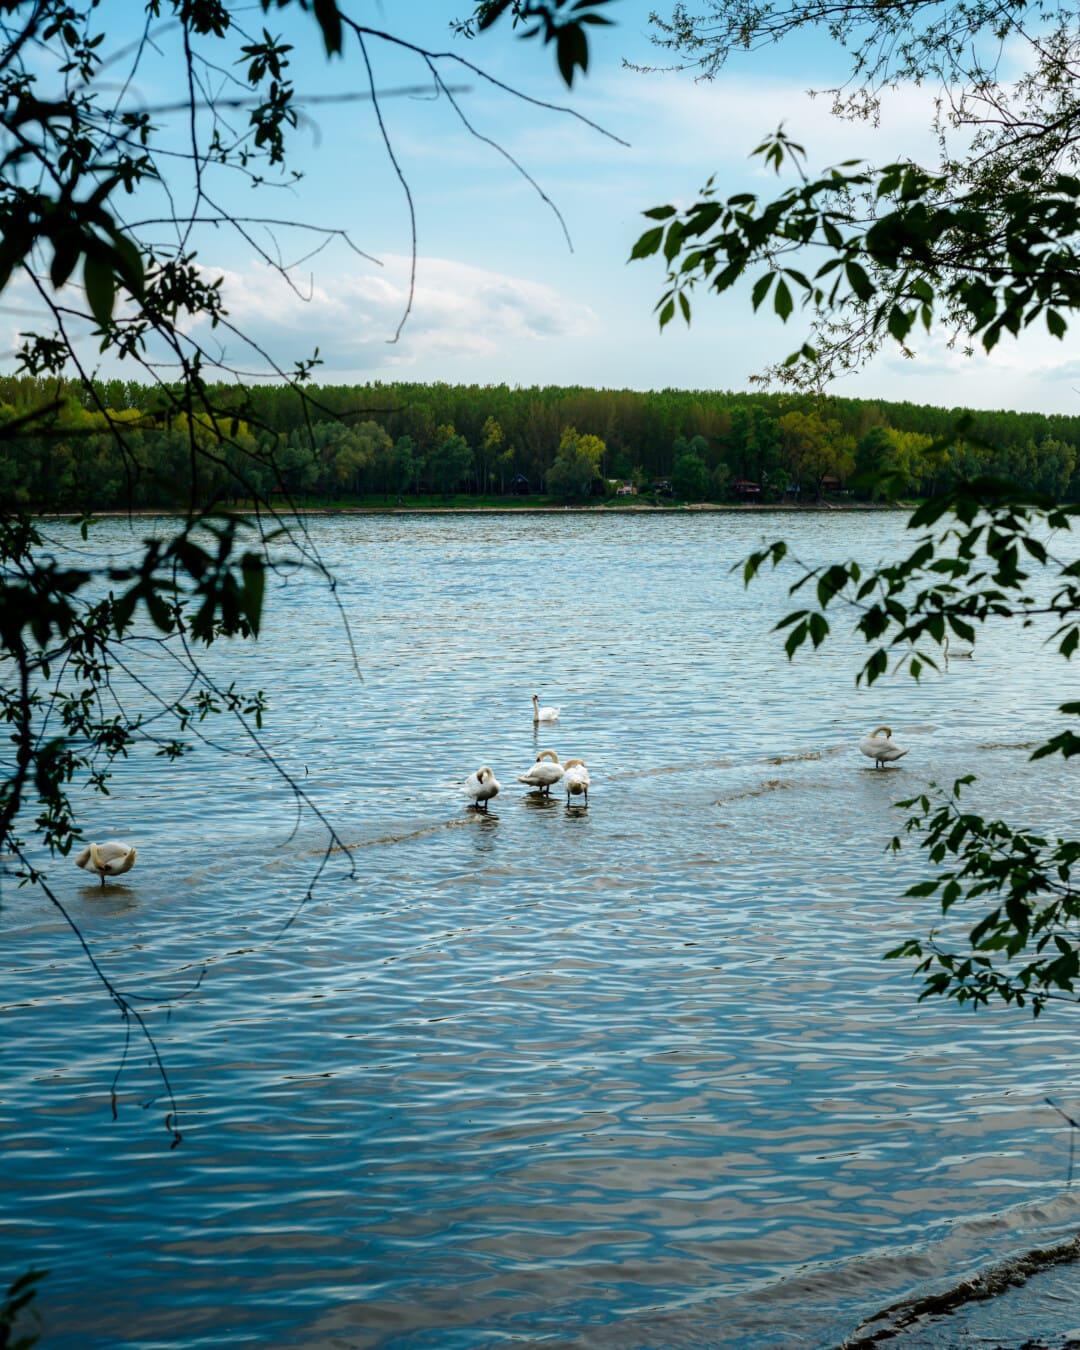 oiseaux aquatique, réflexion, nature, Lac, oiseau, eau, rivière, arbre, paysage, été